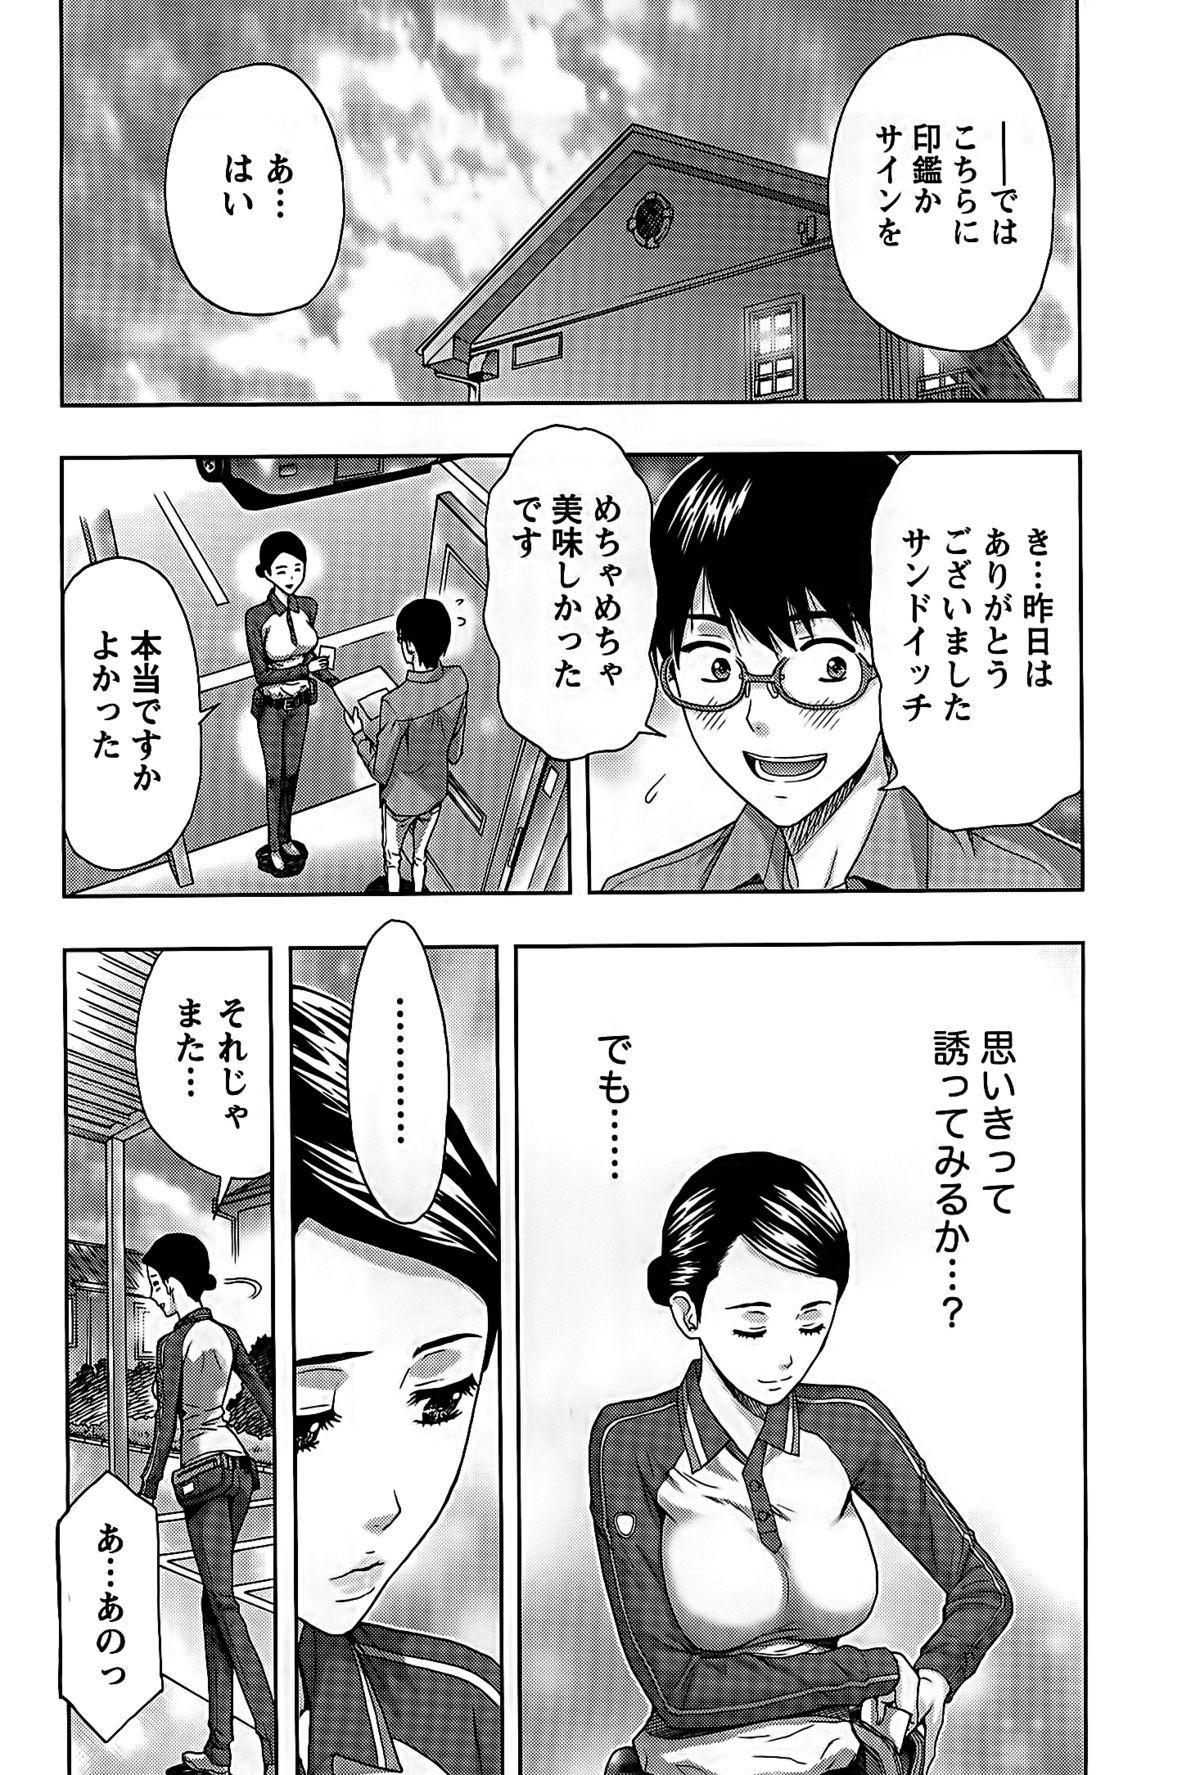 Shittori Lady to Amai Mitsu 55